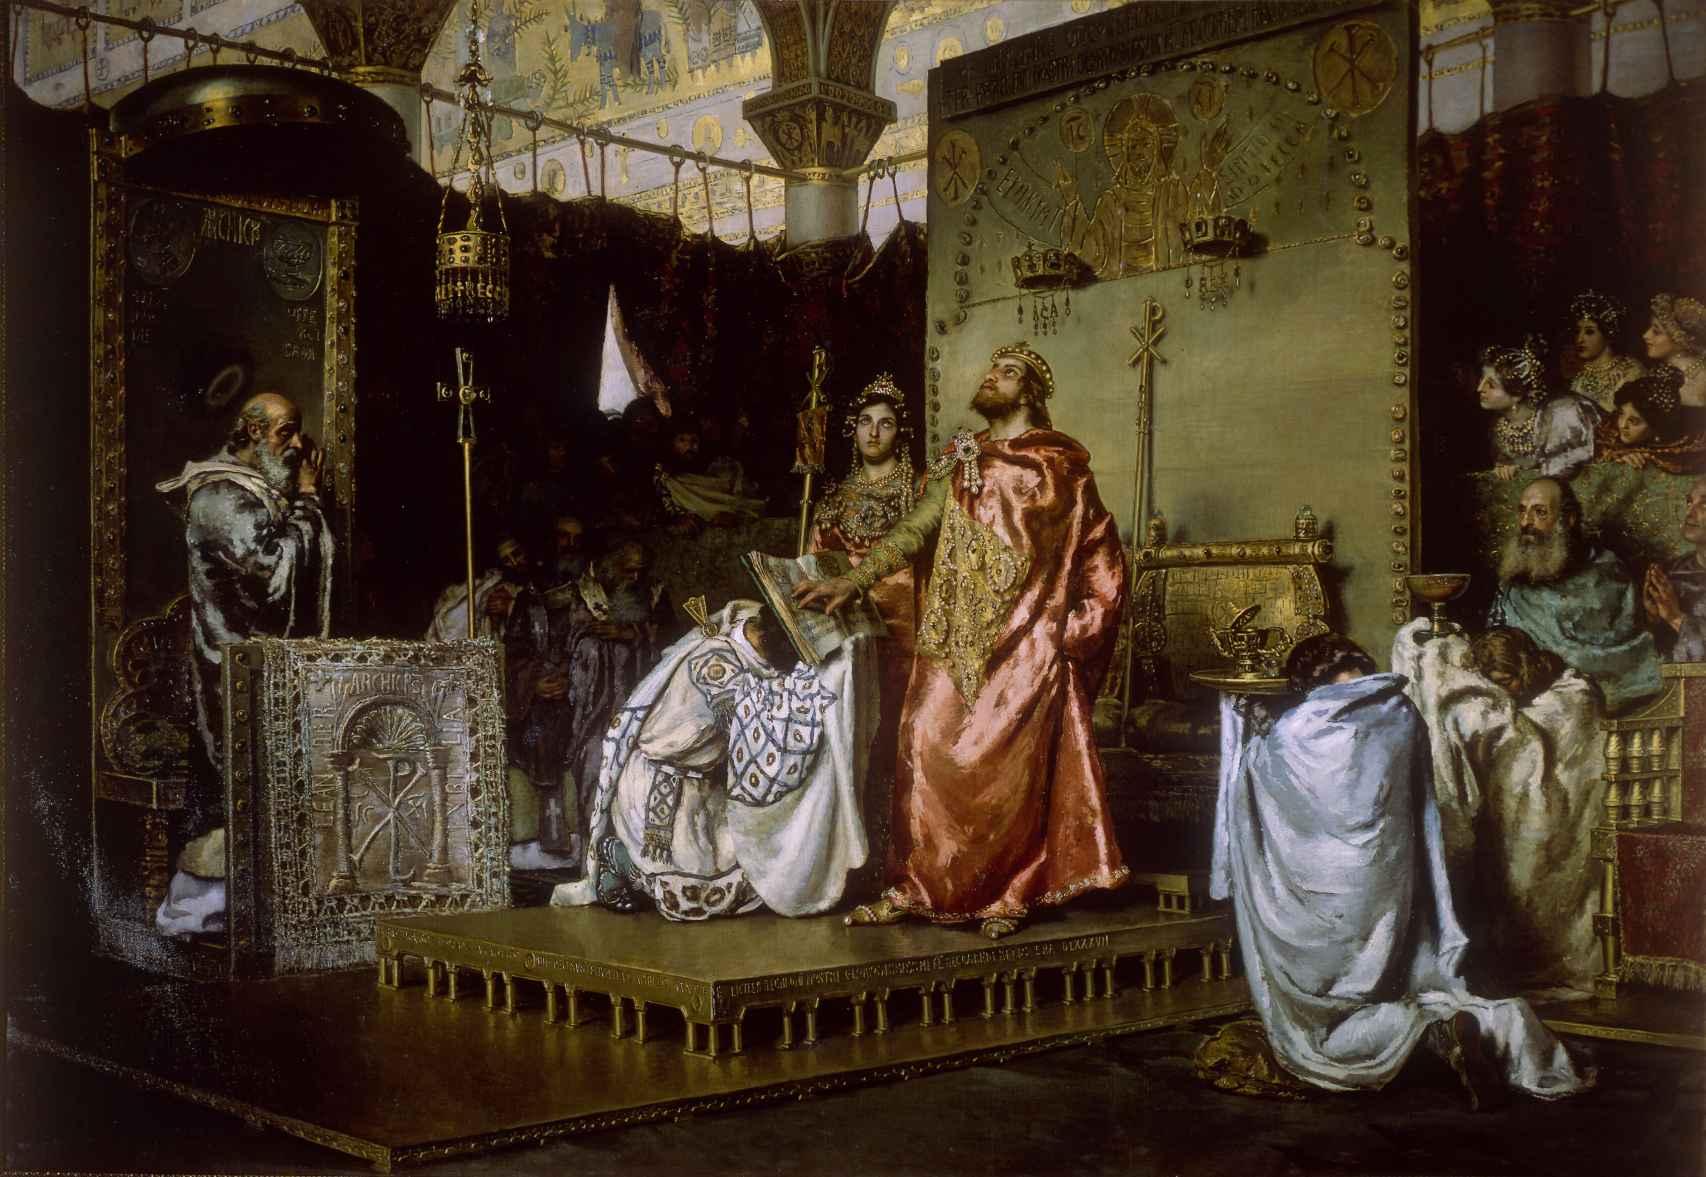 'La conversión de Recaredo', cuadro pintado por Antonio Muñoz Degrain en 1888.